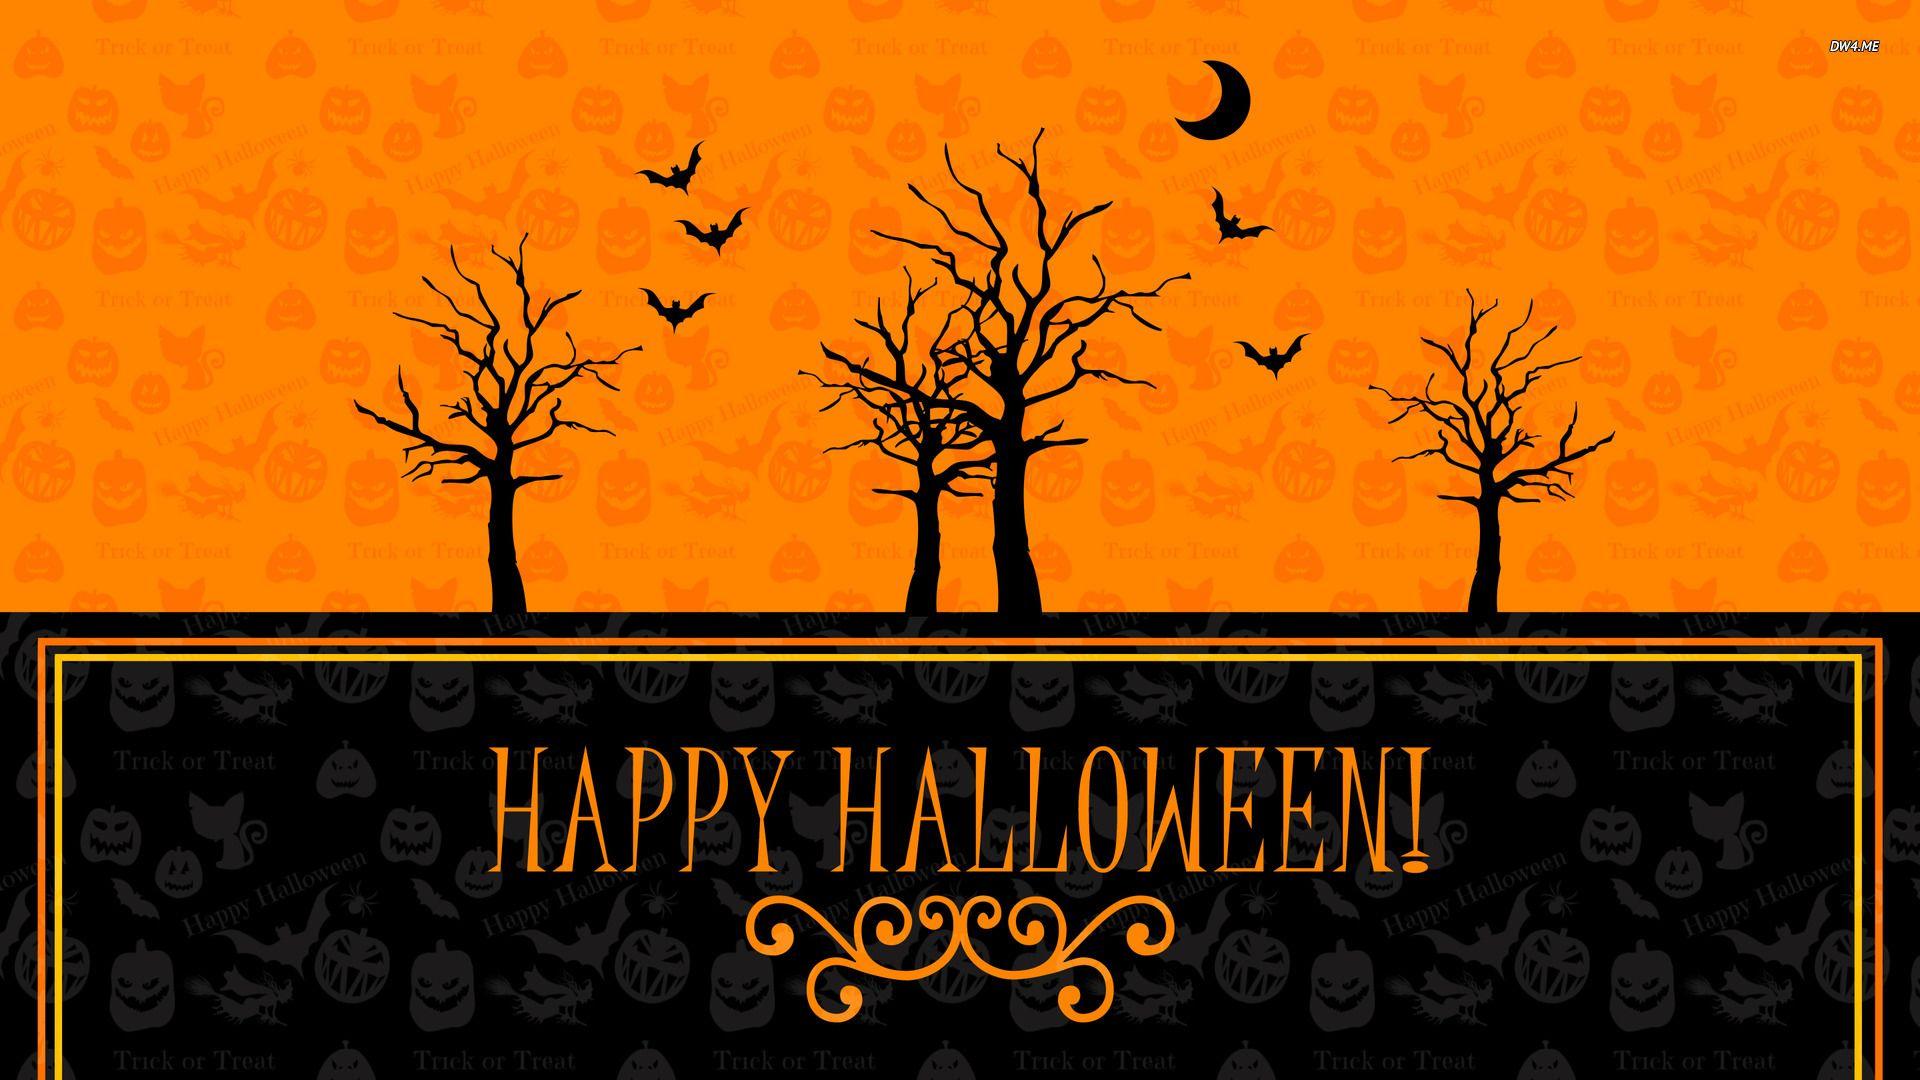 happy halloween holiday desktop wallpaper tree wallpaper halloween wallpaper bat wallpaper silhouette wallpaper holidays no - Desktop Wallpaper Halloween